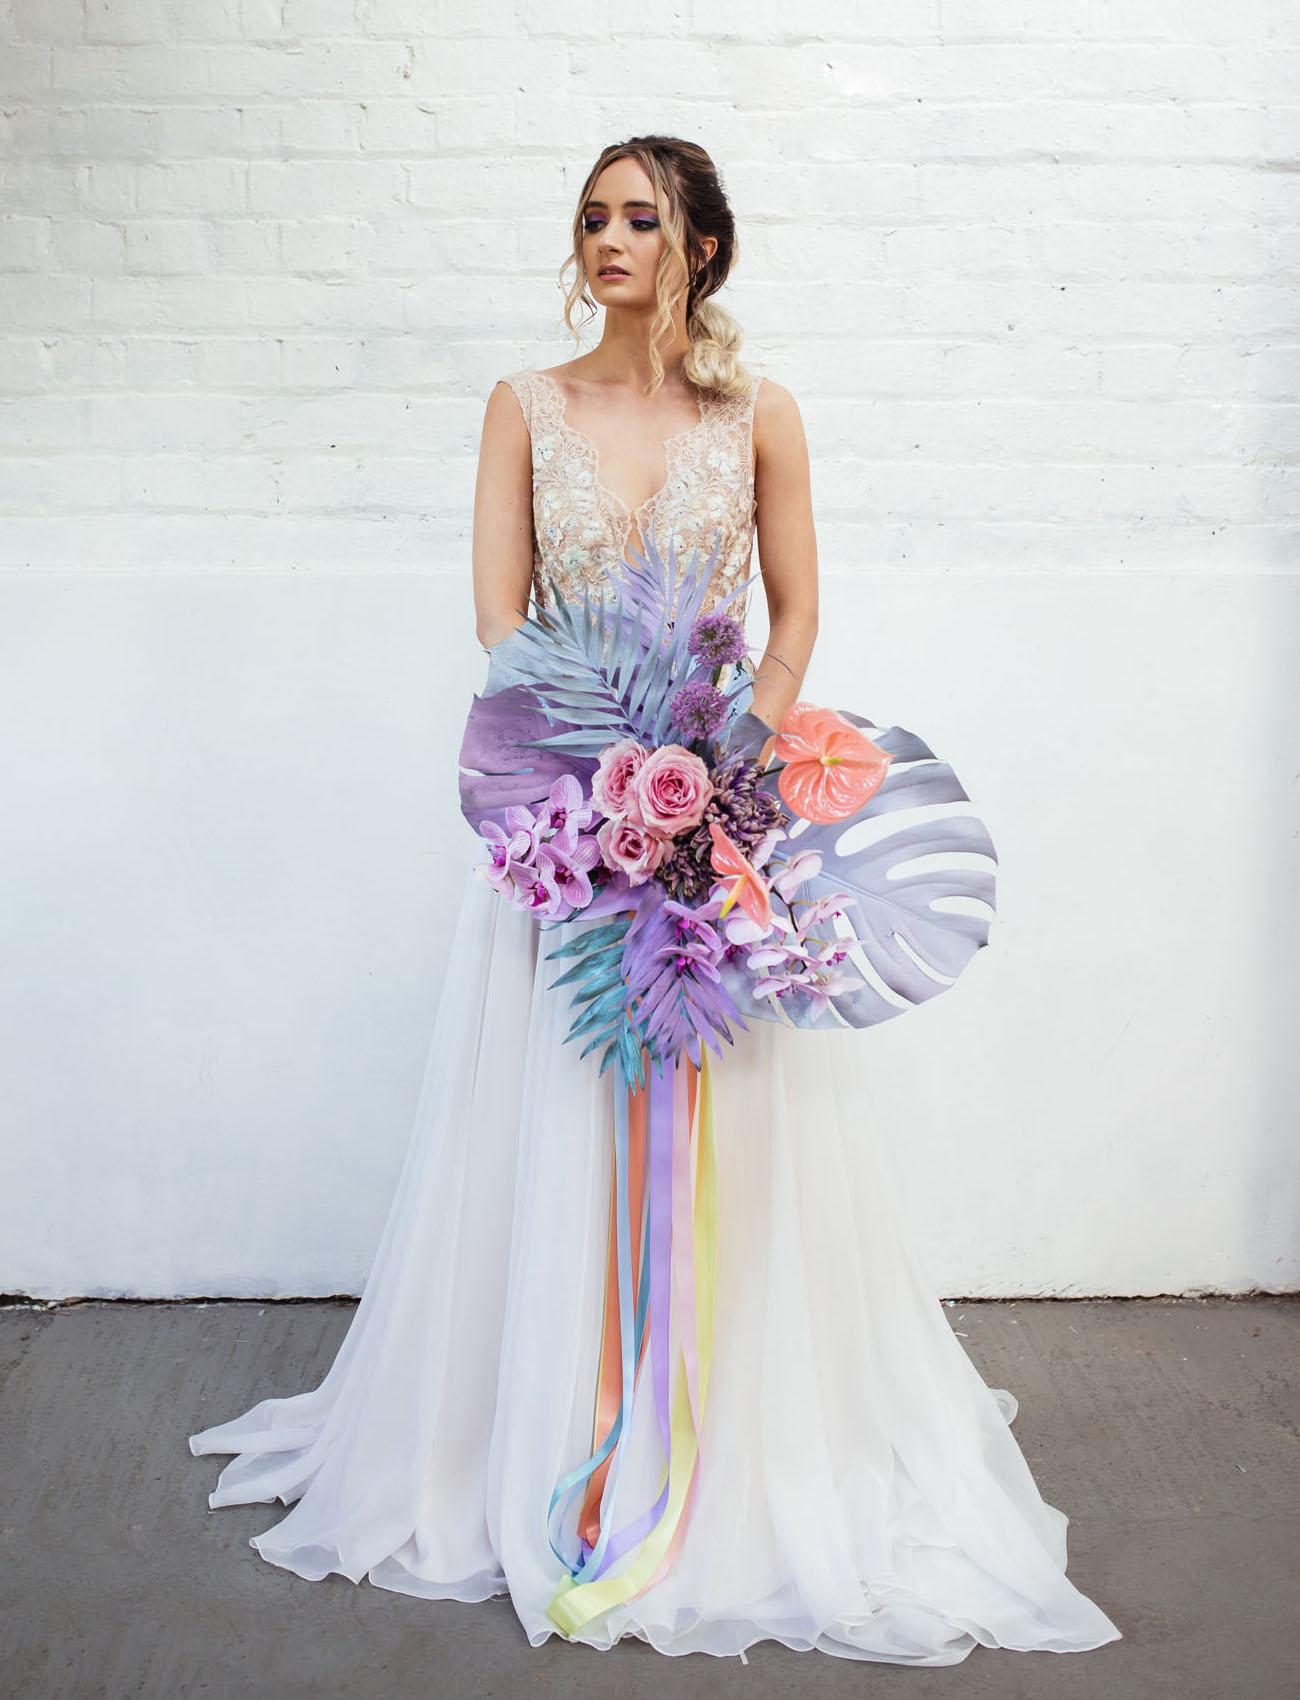 neon pastel bride